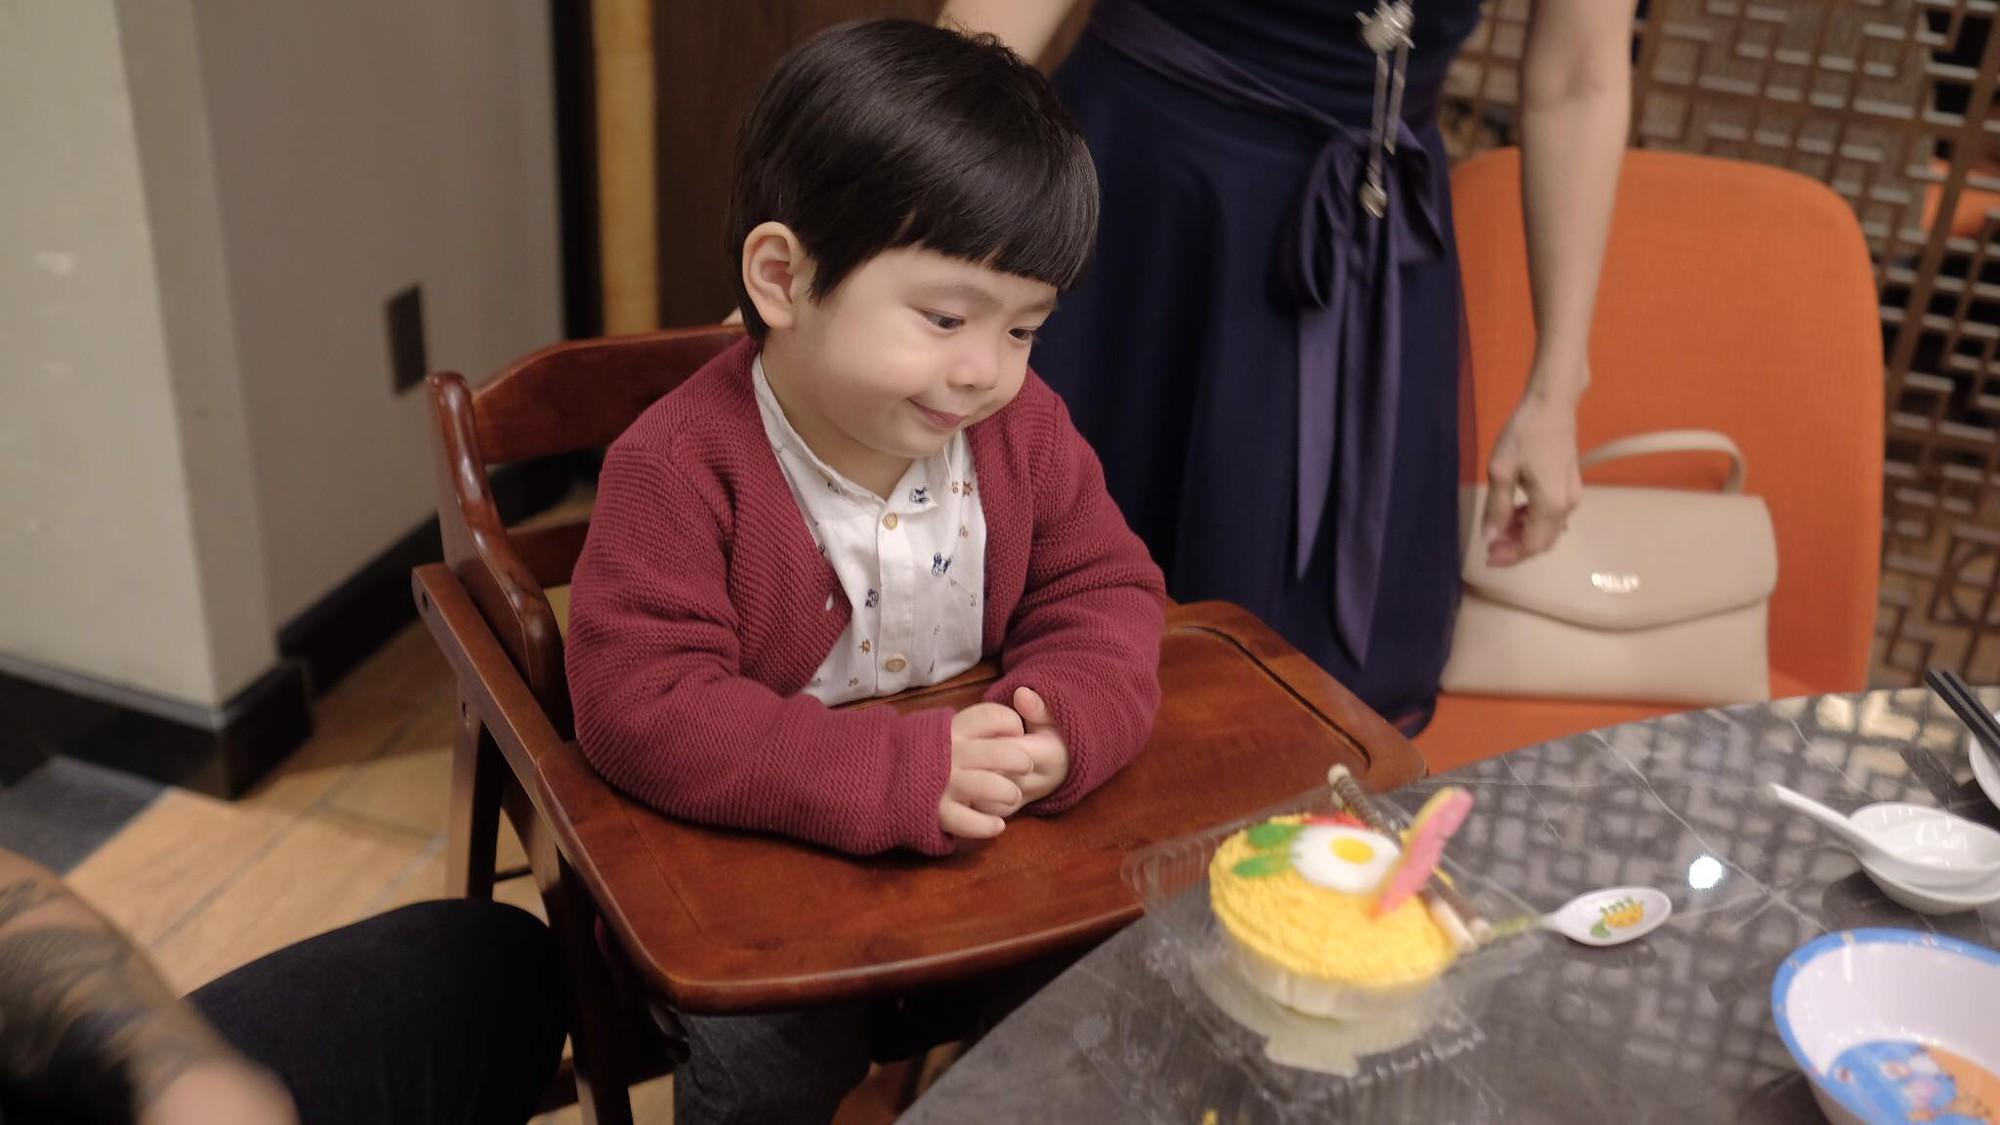 Biểu cảm hài hước của Hehe với chiếc bánh khiến dân mạng thích thú.